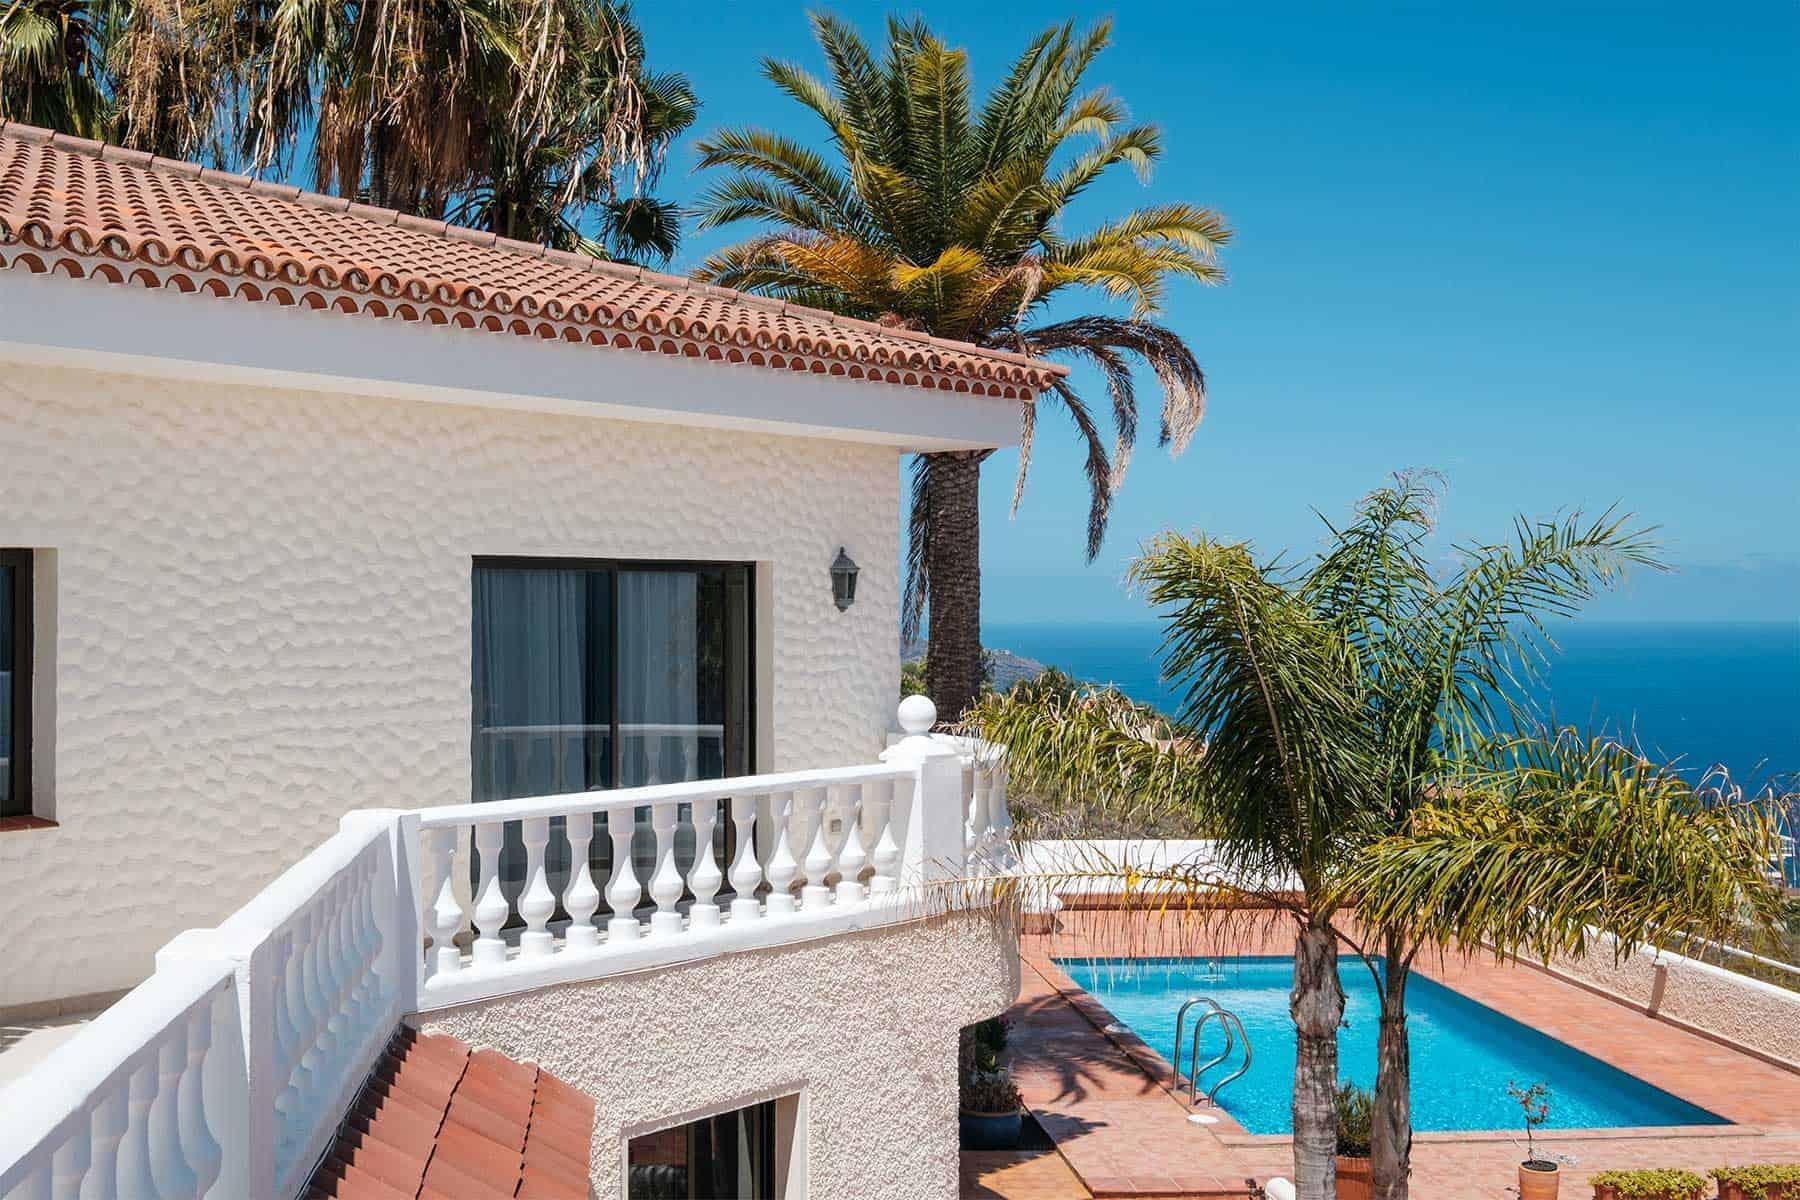 Rental Property in Spain